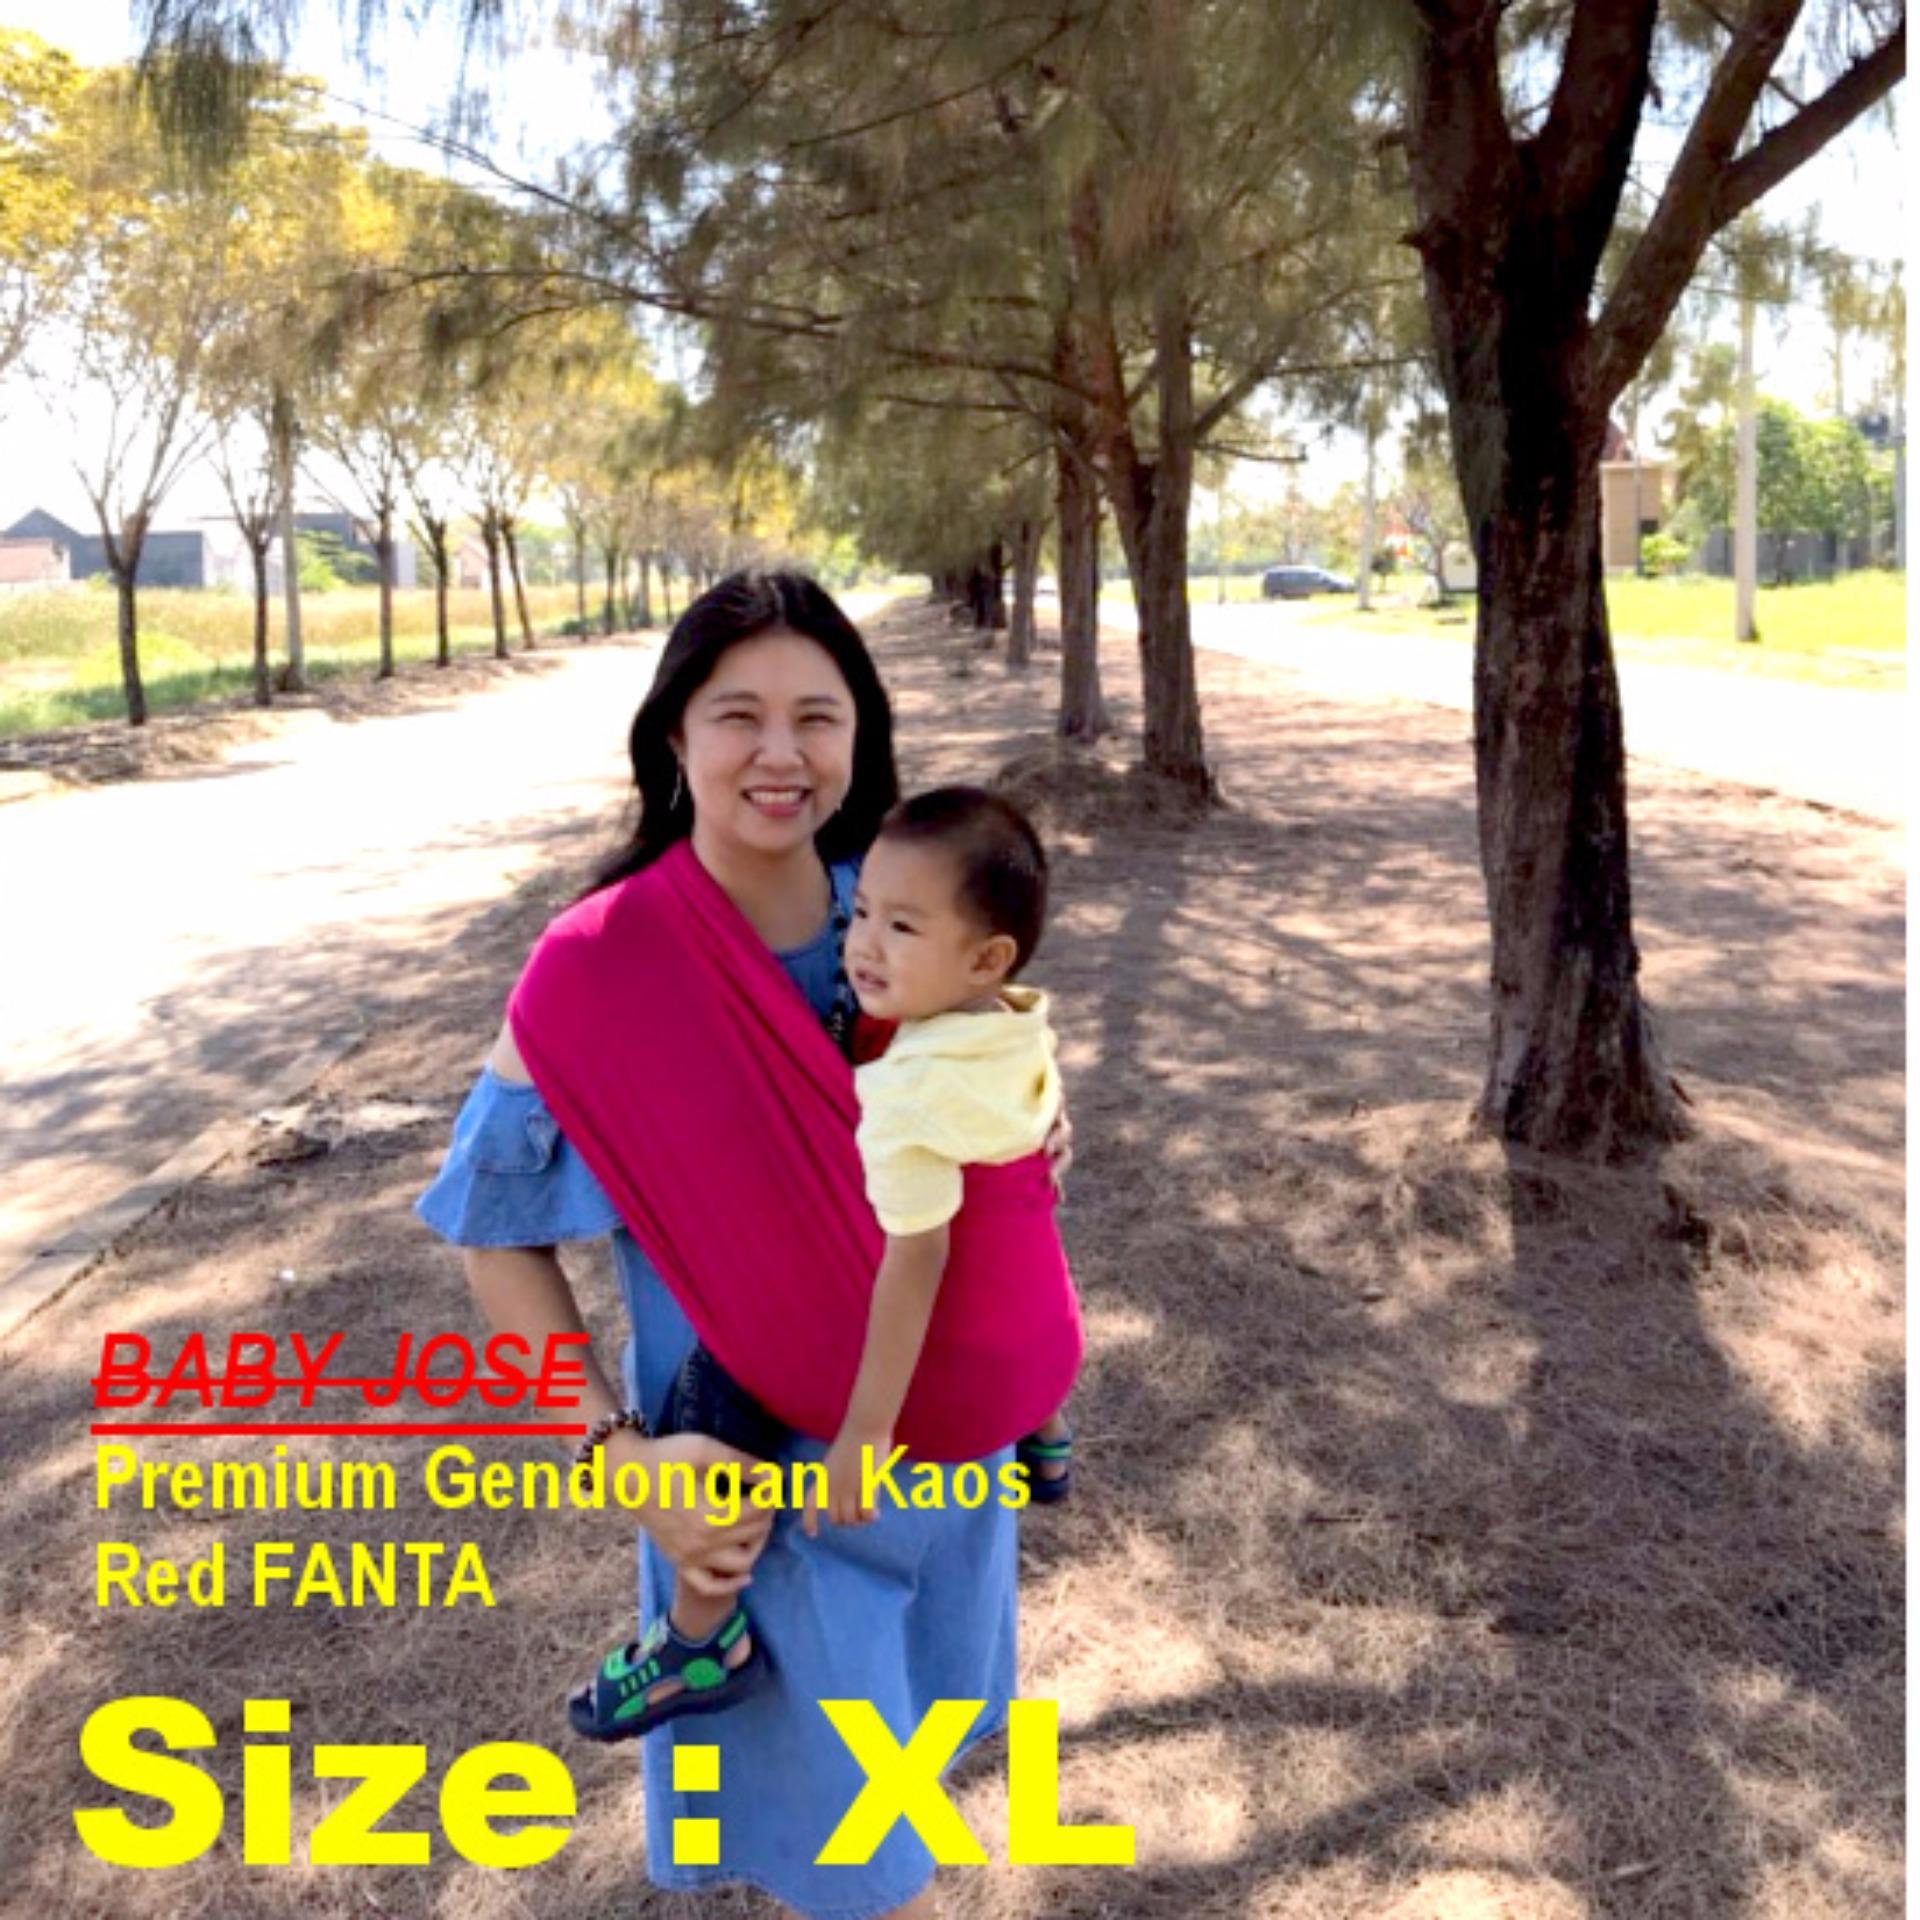 Ulasan Lengkap Gendongan Premium Baby Jose Size Xl Red Fanta Geos Gendongan Bayi Kaos Selendang Bayi Perlengkapan Bayi Padie